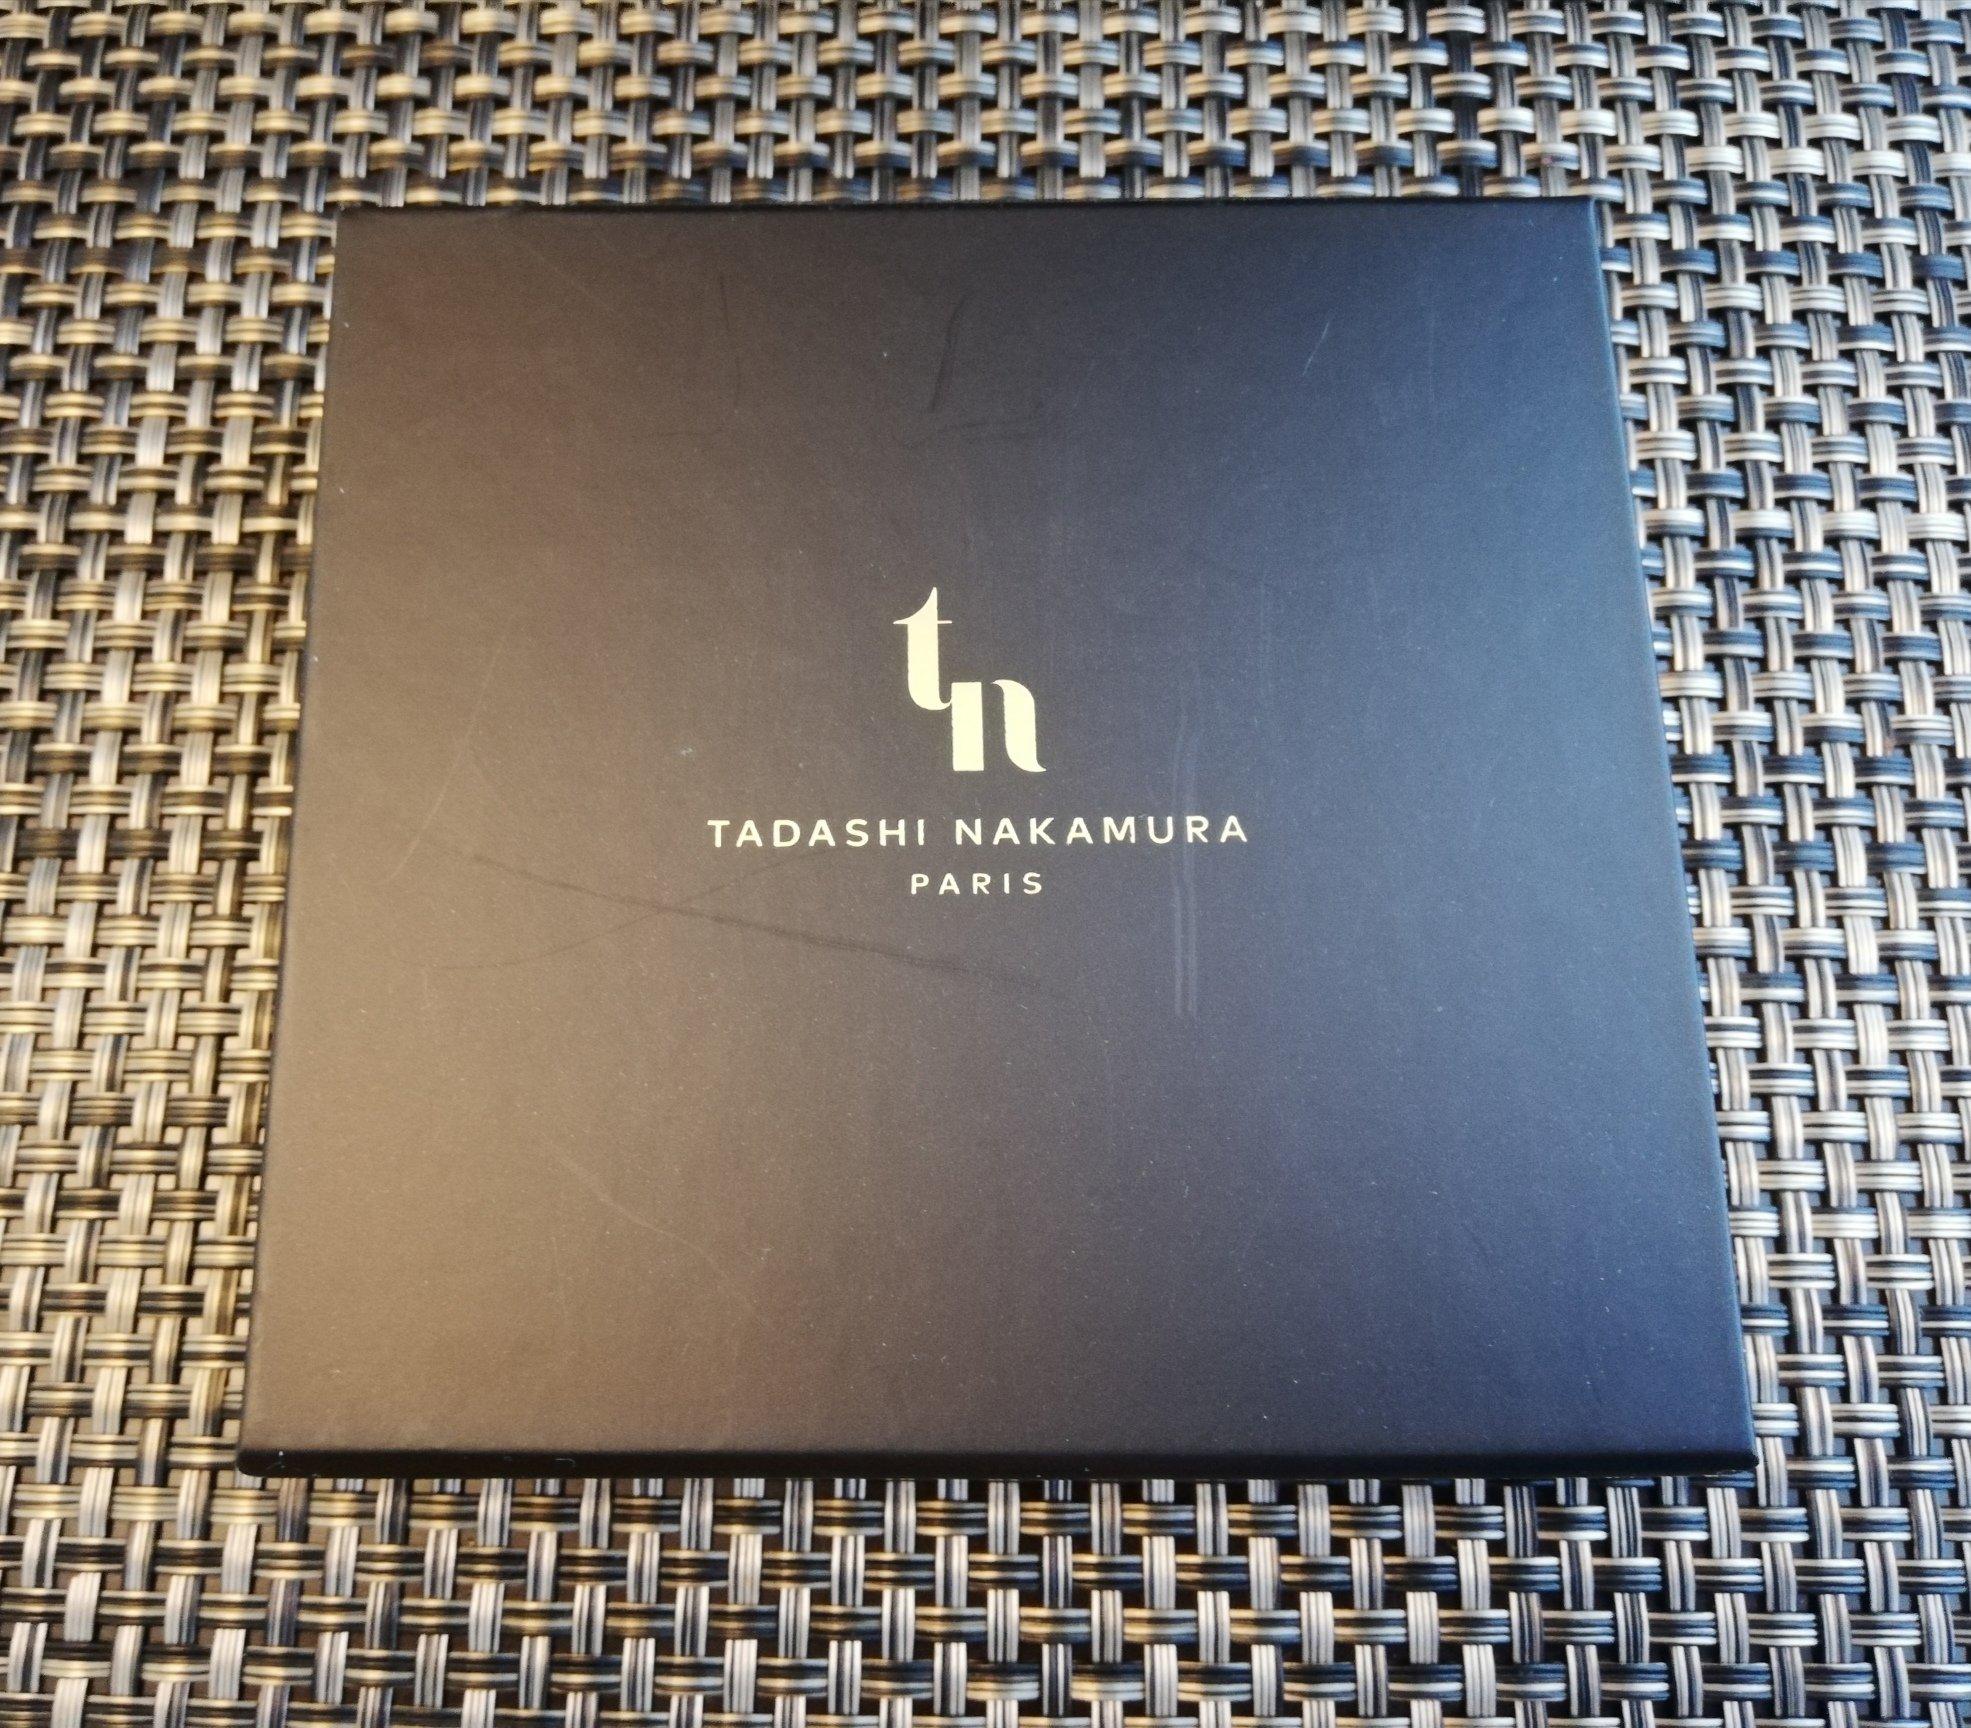 タダシナカムラパリ ボンボンショコラ